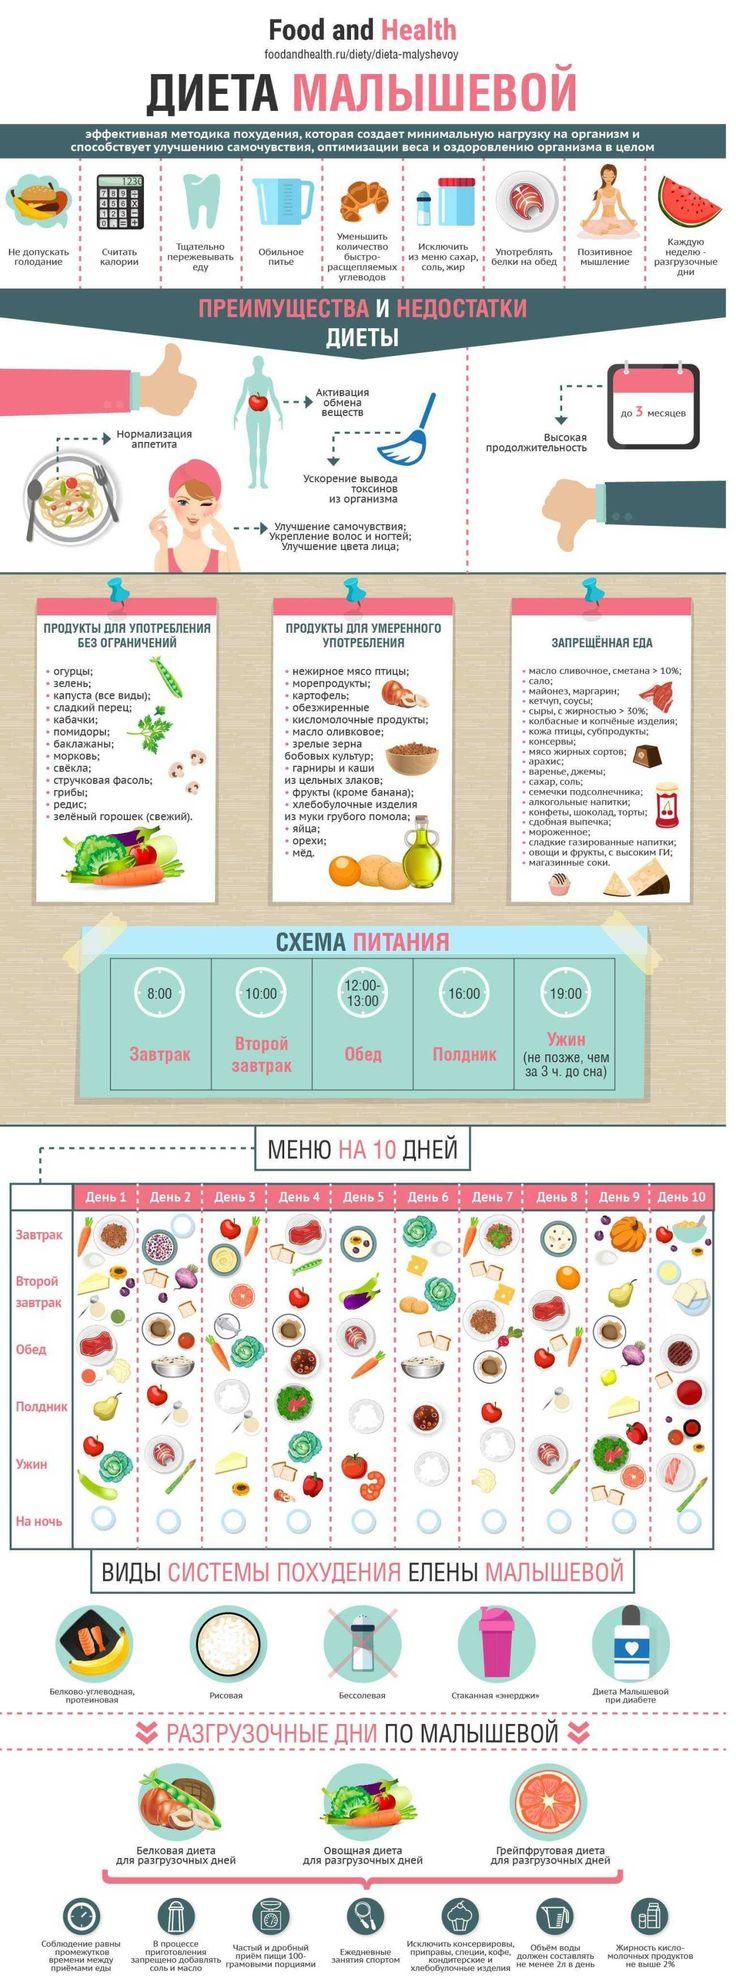 Меню Диеты Еленой Малышевой. Диета Малышевой - меню на неделю с рецептами на каждый день, продукты и результаты похудения